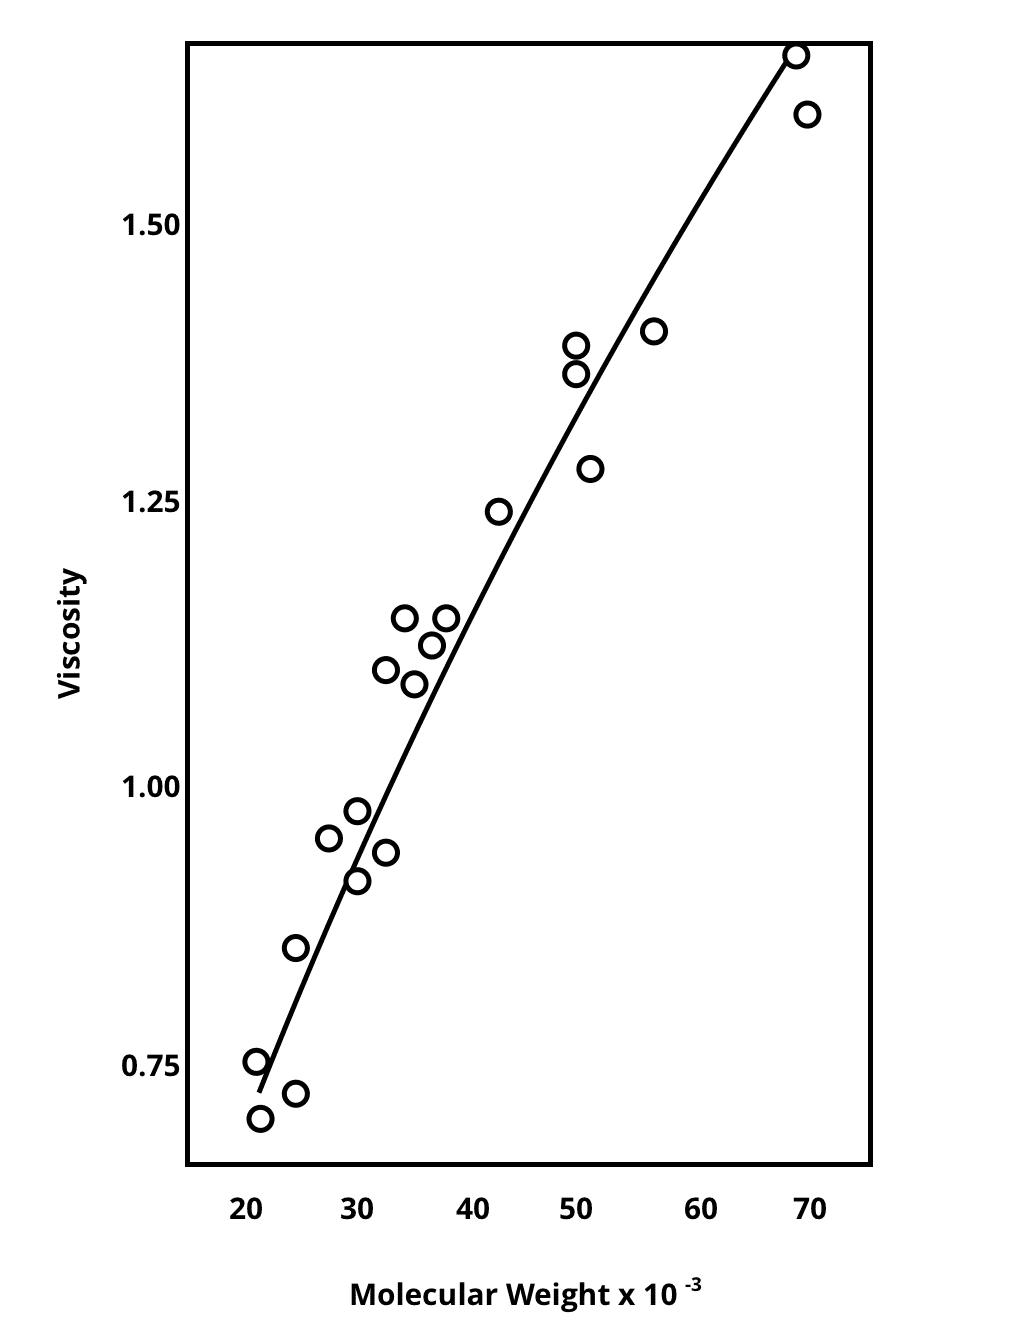 correlation between molecular weight and viscosity in prebiotic fibers